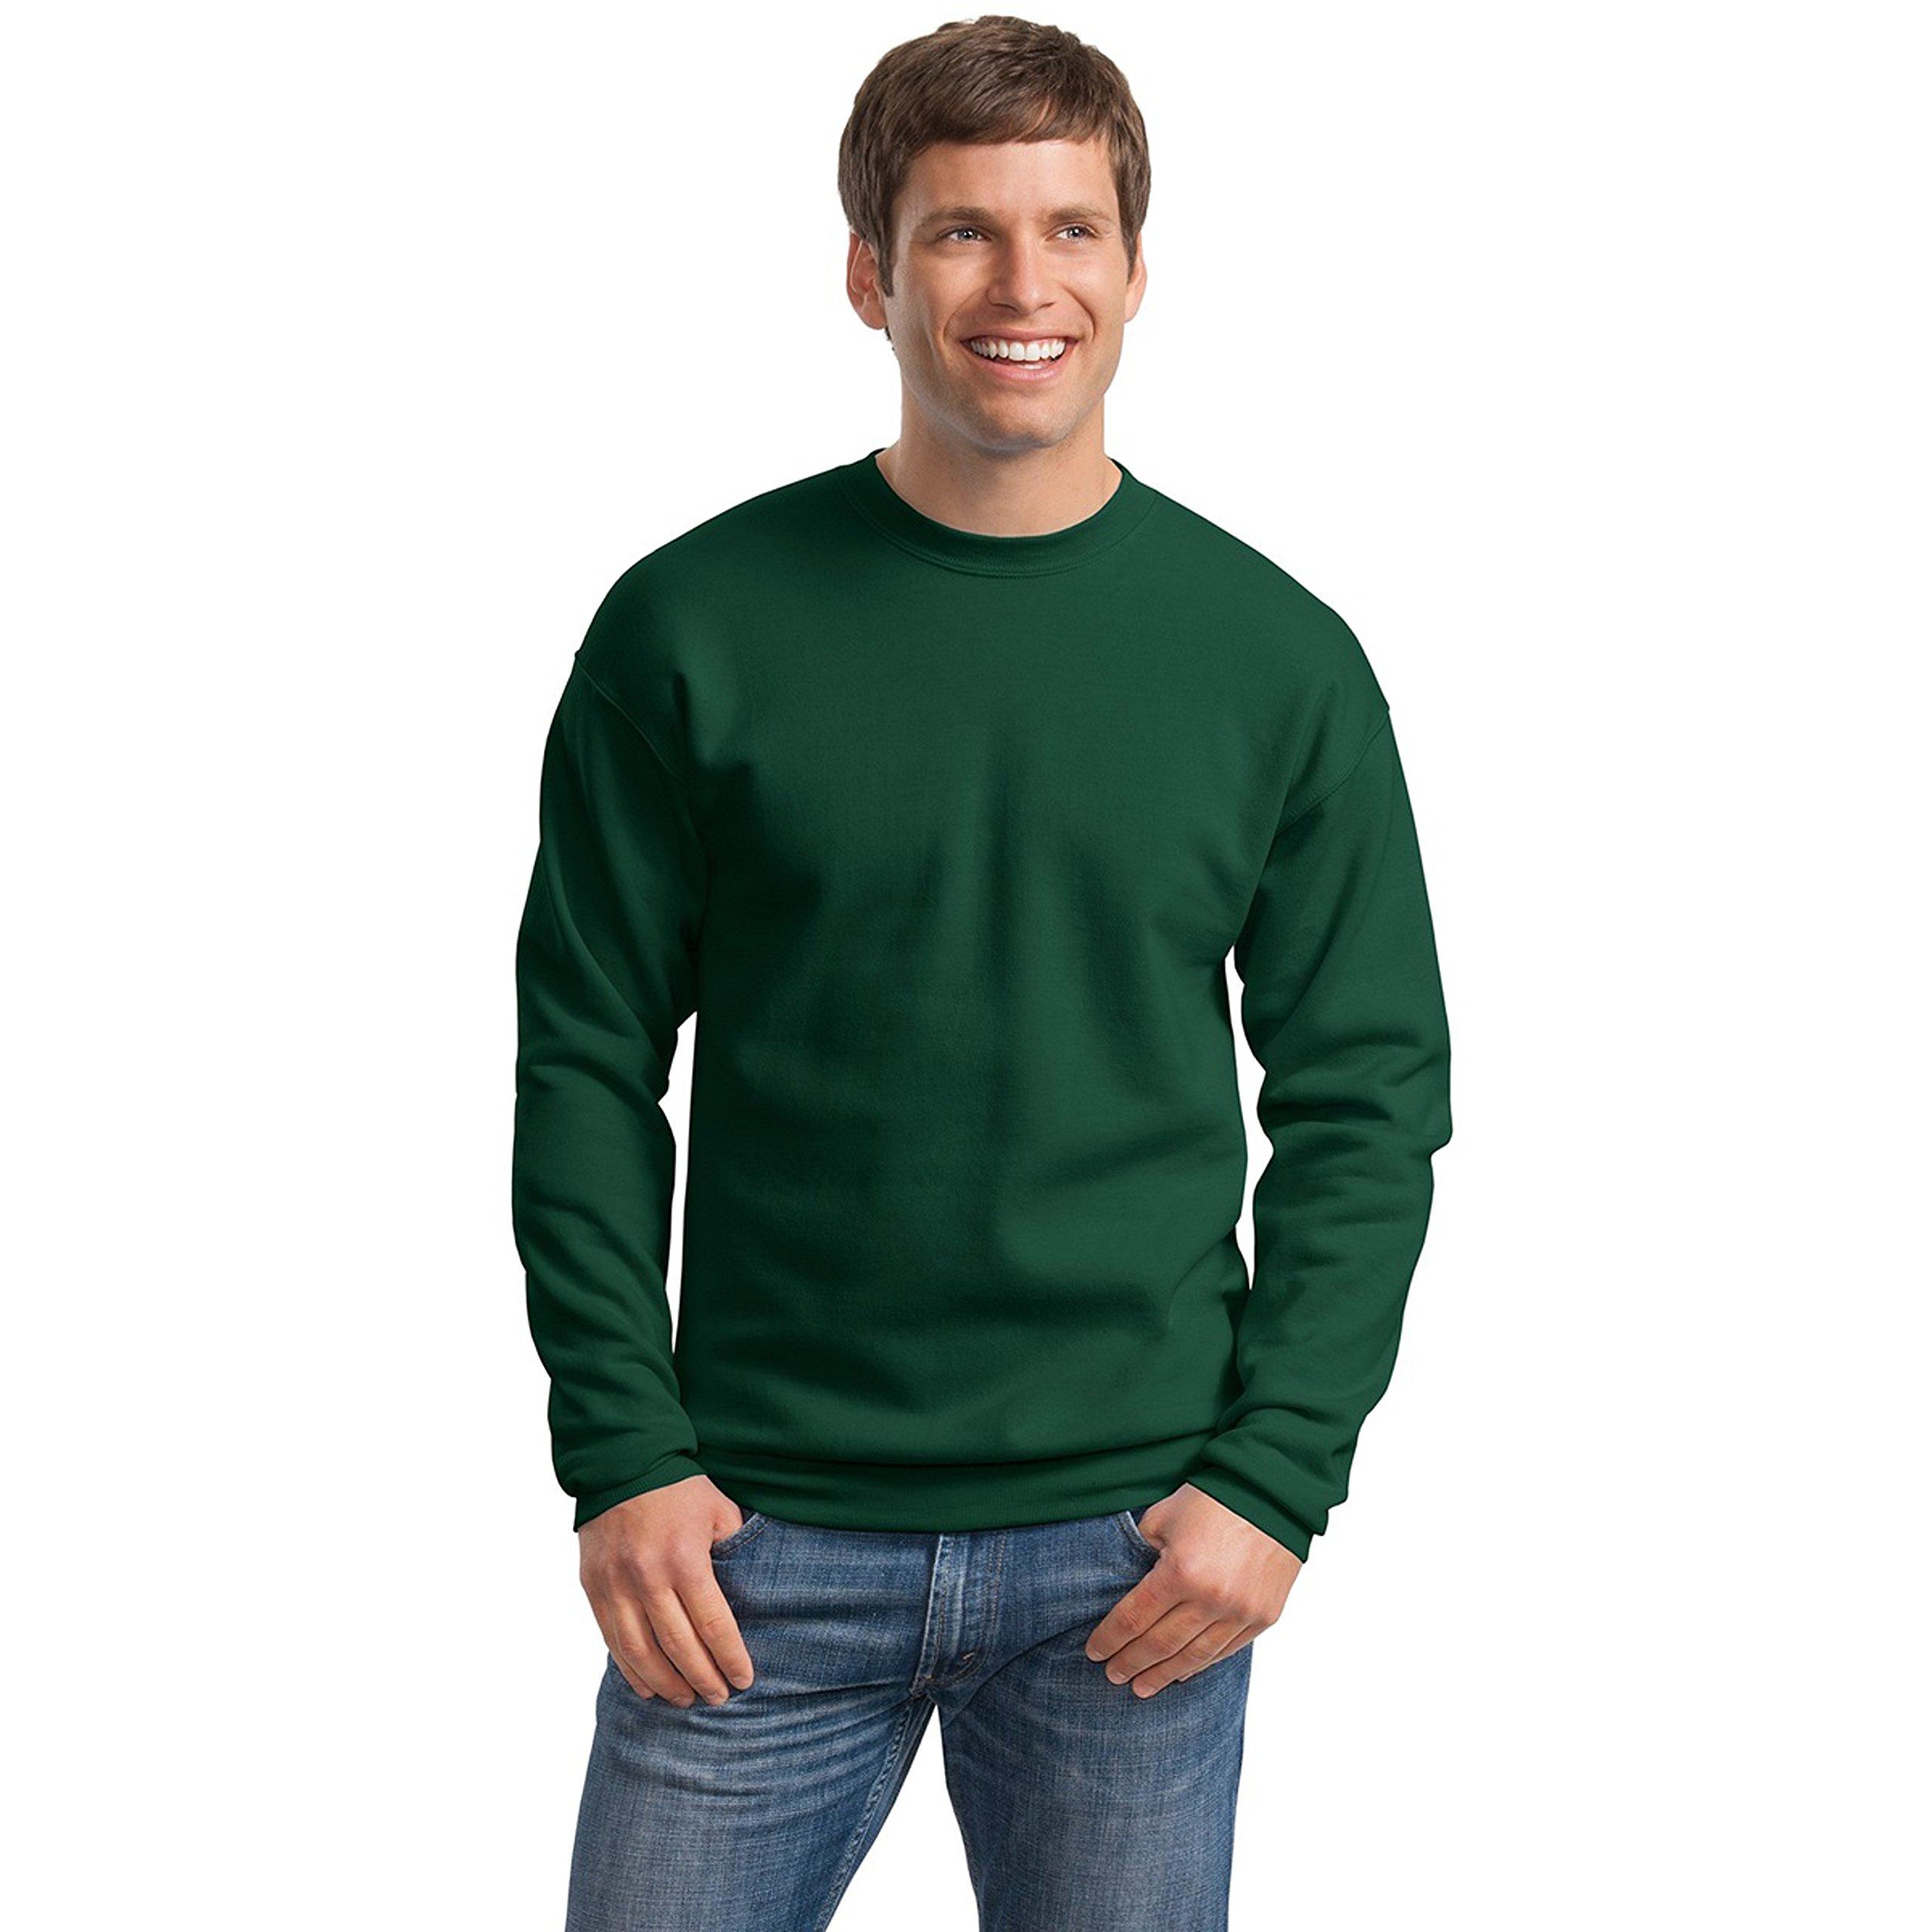 Hanes Men's Ecosmart Fleece Sweatshirt, Deep Forest, Large by Hanes